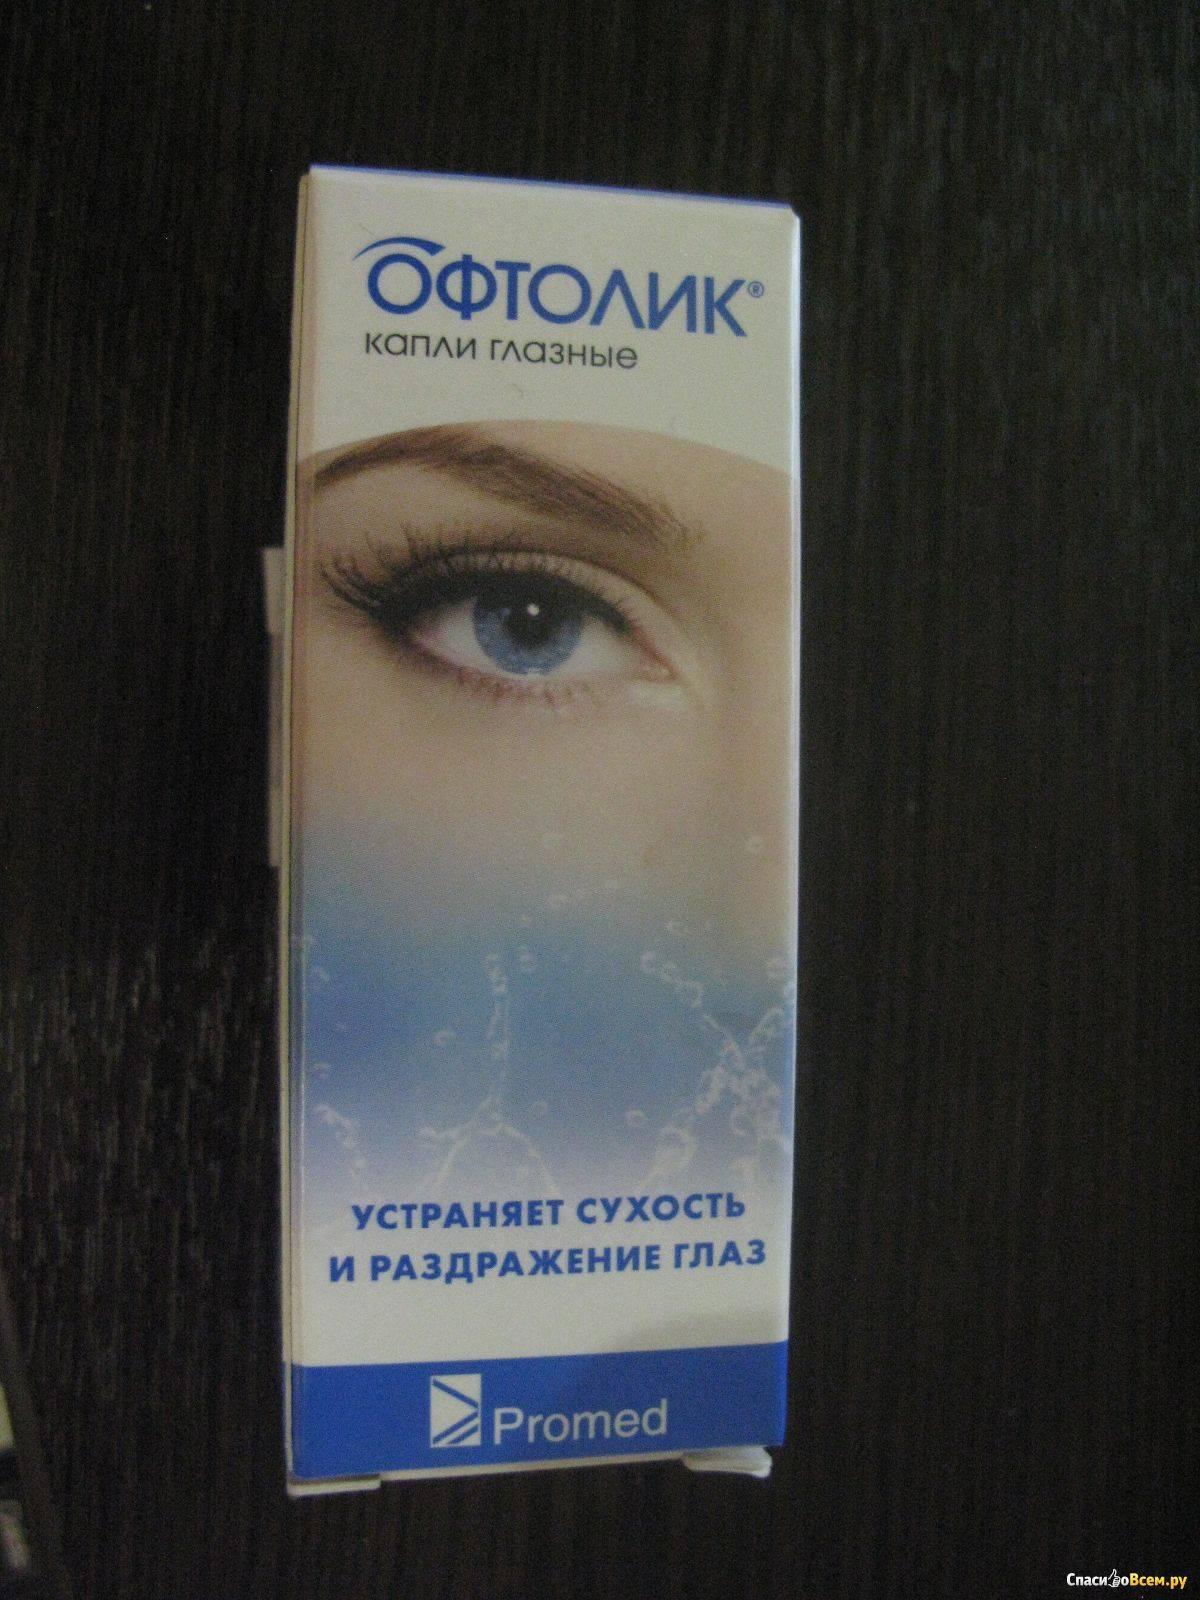 Офтолик